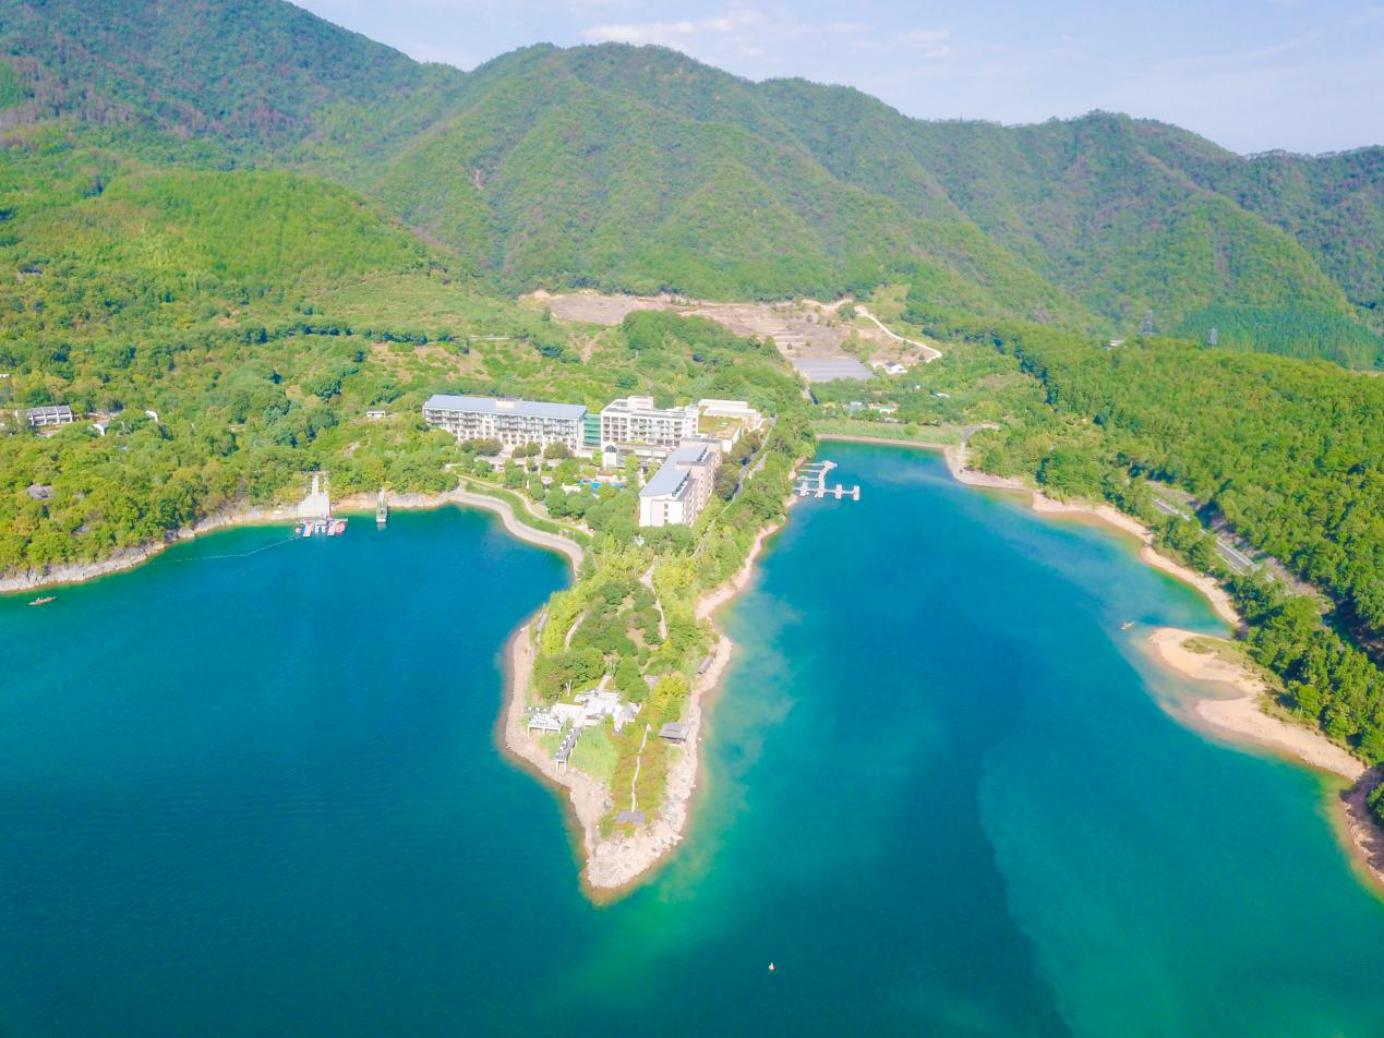 中国最任性的酒店:包了个山头占山为王,一言不合就免费升级套房